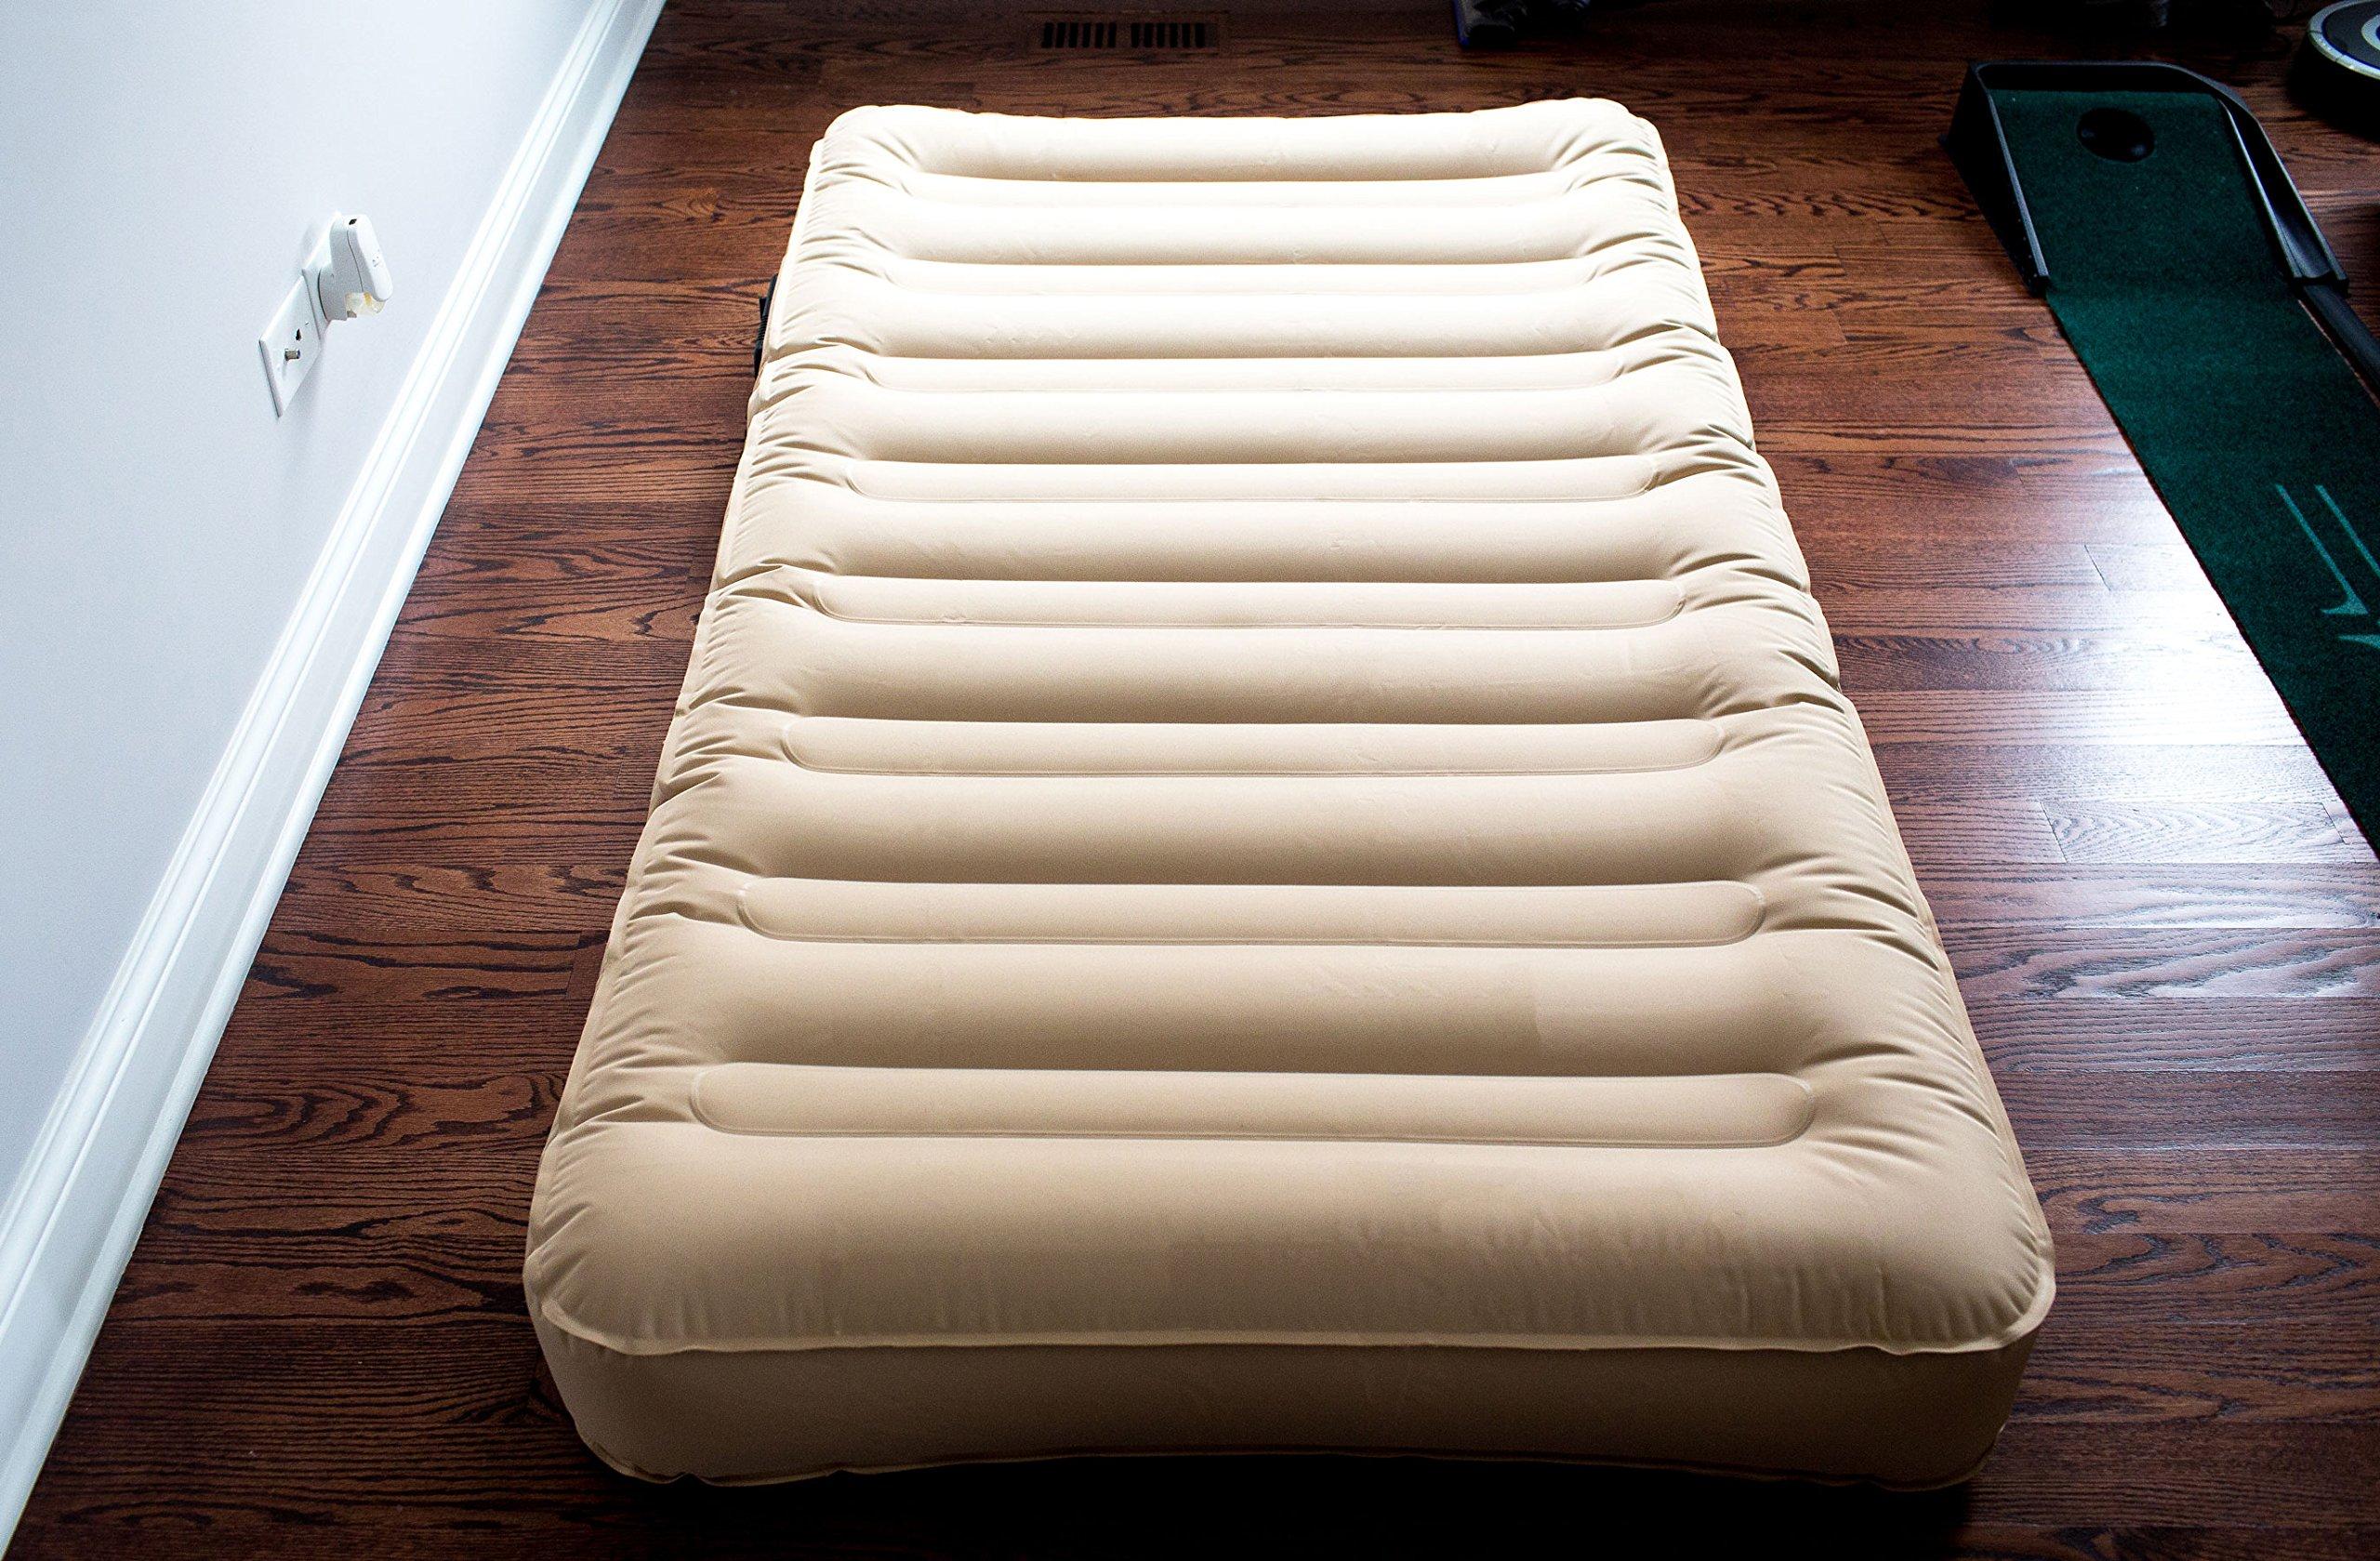 Simplysleeper Ss 47t Ultra Tough Premium Twin Air Bed Air